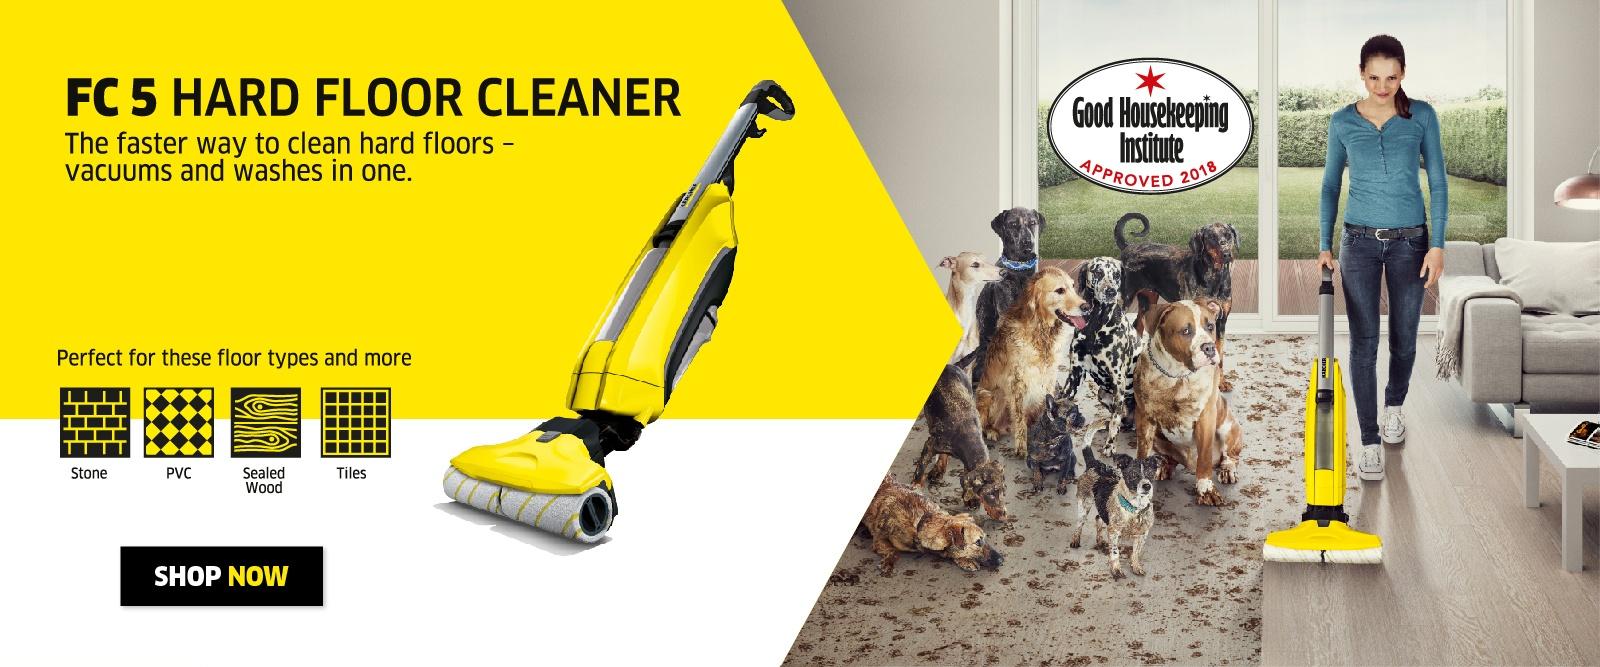 Floor Cleaner FC5